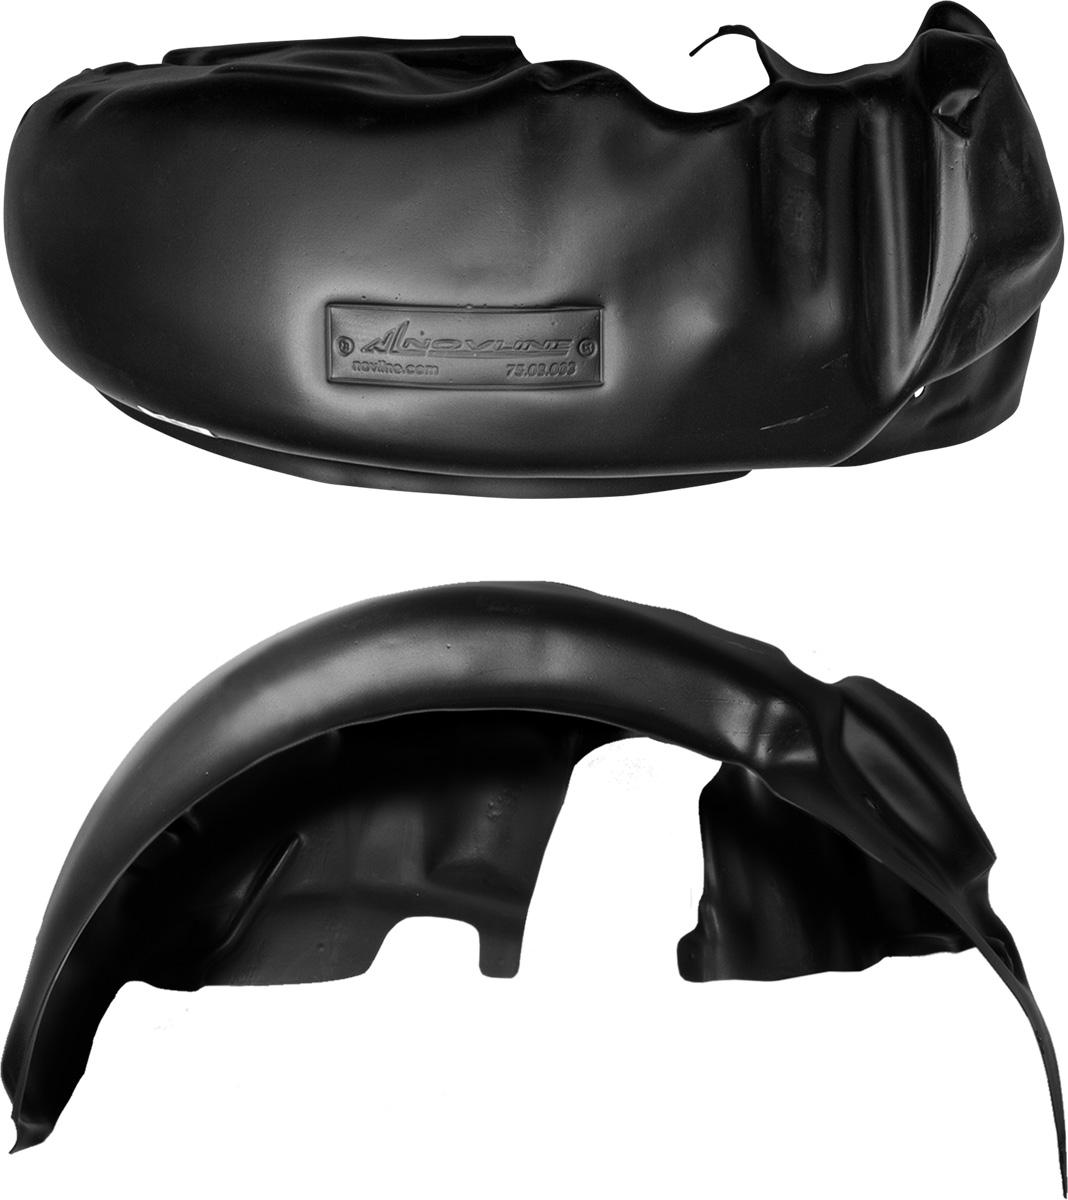 Подкрылок Novline-Autofamily, для Great Wall Hover H3/H5, 2010->, задний правыйNLL.59.10.004Колесные ниши - одни из самых уязвимых зон днища вашего автомобиля. Они постоянно подвергаются воздействию со стороны дороги. Лучшая, почти абсолютная защита для них - специально отформованные пластиковые кожухи, которые называются подкрылками. Производятся они как для отечественных моделей автомобилей, так и для иномарок. Подкрылки Novline-Autofamily выполнены из высококачественного, экологически чистого пластика. Обеспечивают надежную защиту кузова автомобиля от пескоструйного эффекта и негативного влияния, агрессивных антигололедных реагентов. Пластик обладает более низкой теплопроводностью, чем металл, поэтому в зимний период эксплуатации использование пластиковых подкрылков позволяет лучше защитить колесные ниши от налипания снега и образования наледи. Оригинальность конструкции подчеркивает элегантность автомобиля, бережно защищает нанесенное на днище кузова антикоррозийное покрытие и позволяет осуществить крепление подкрылков внутри колесной арки практически без...